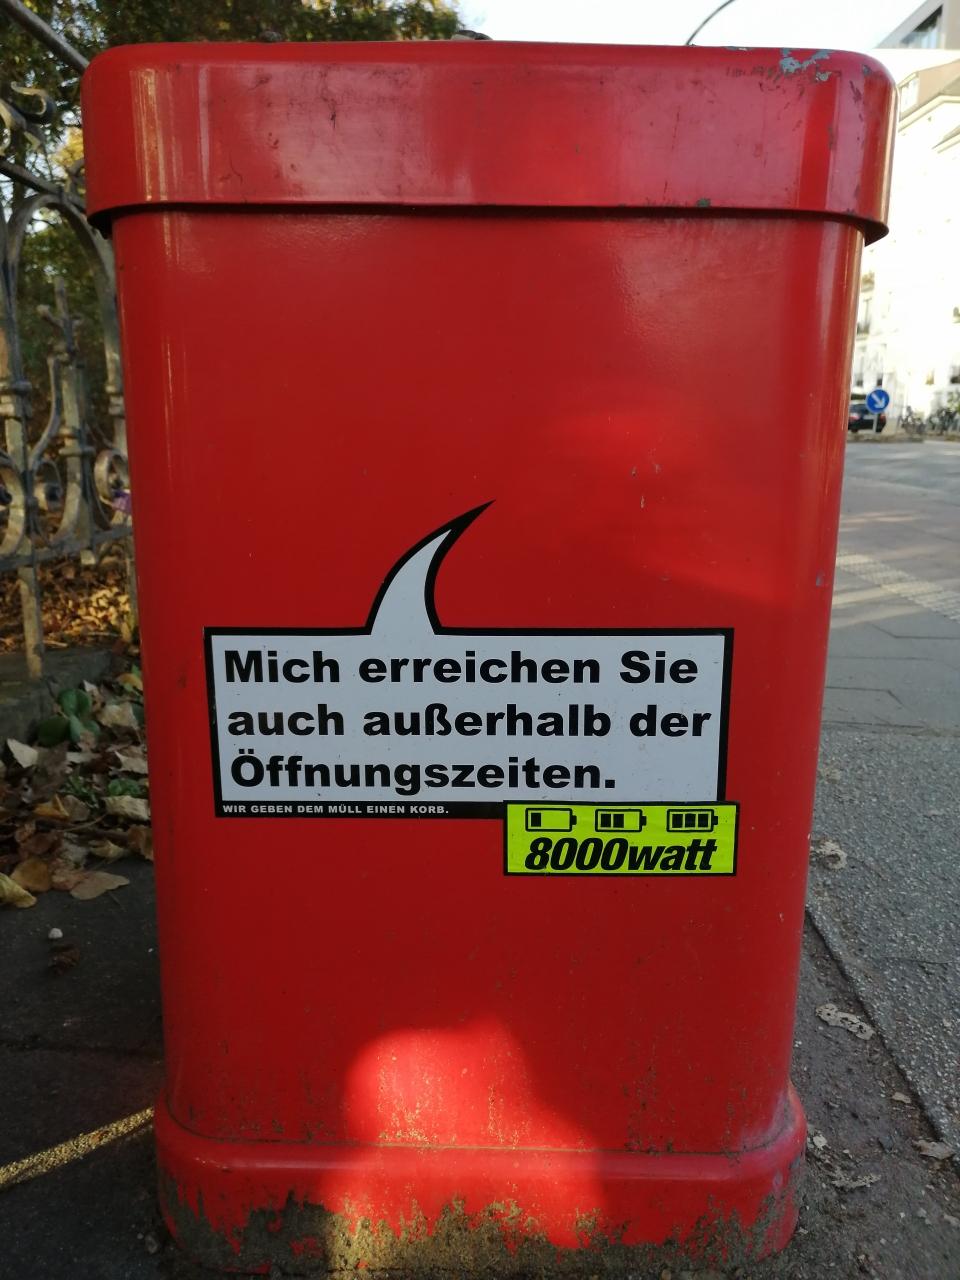 Hamburg ist kundenorientiert